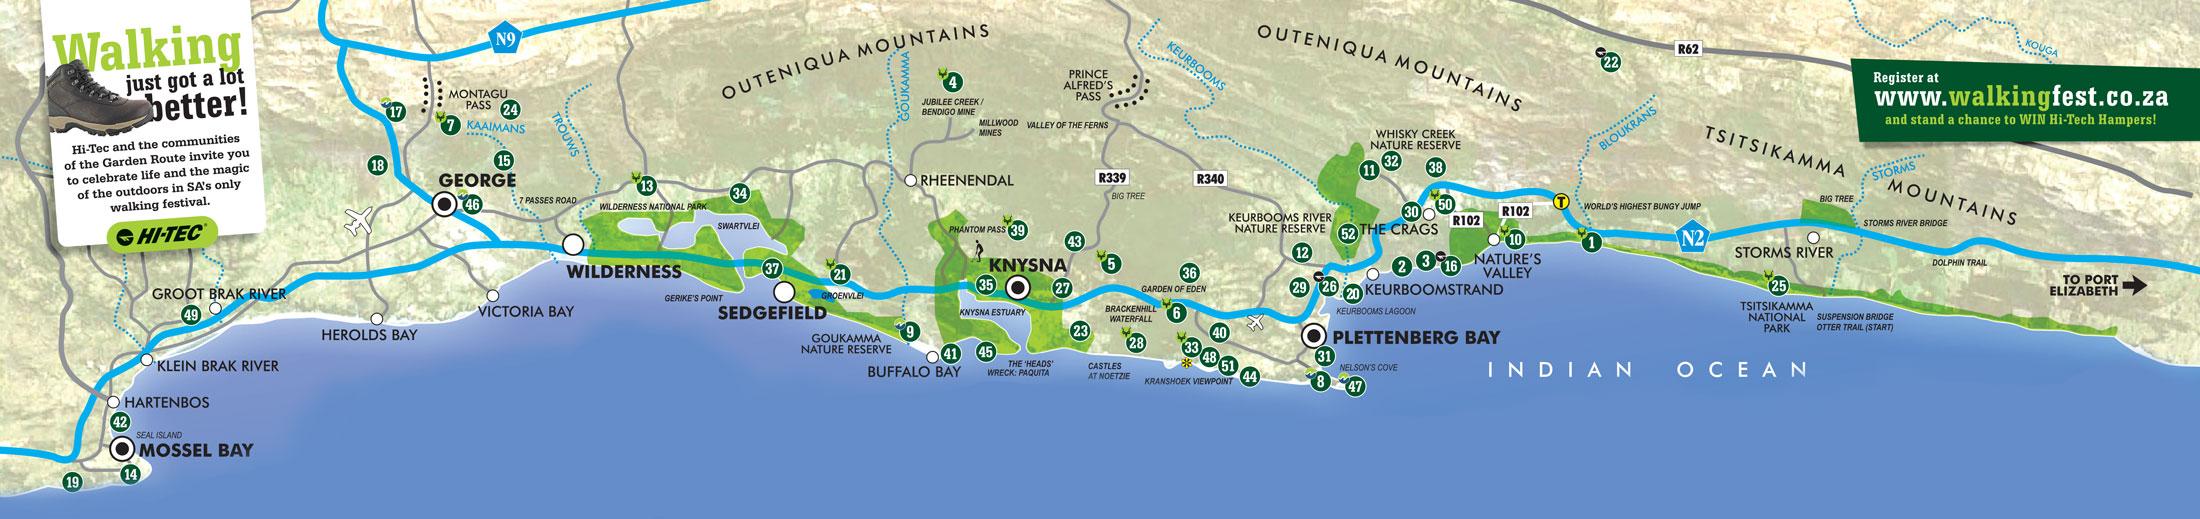 Walking-festival-map